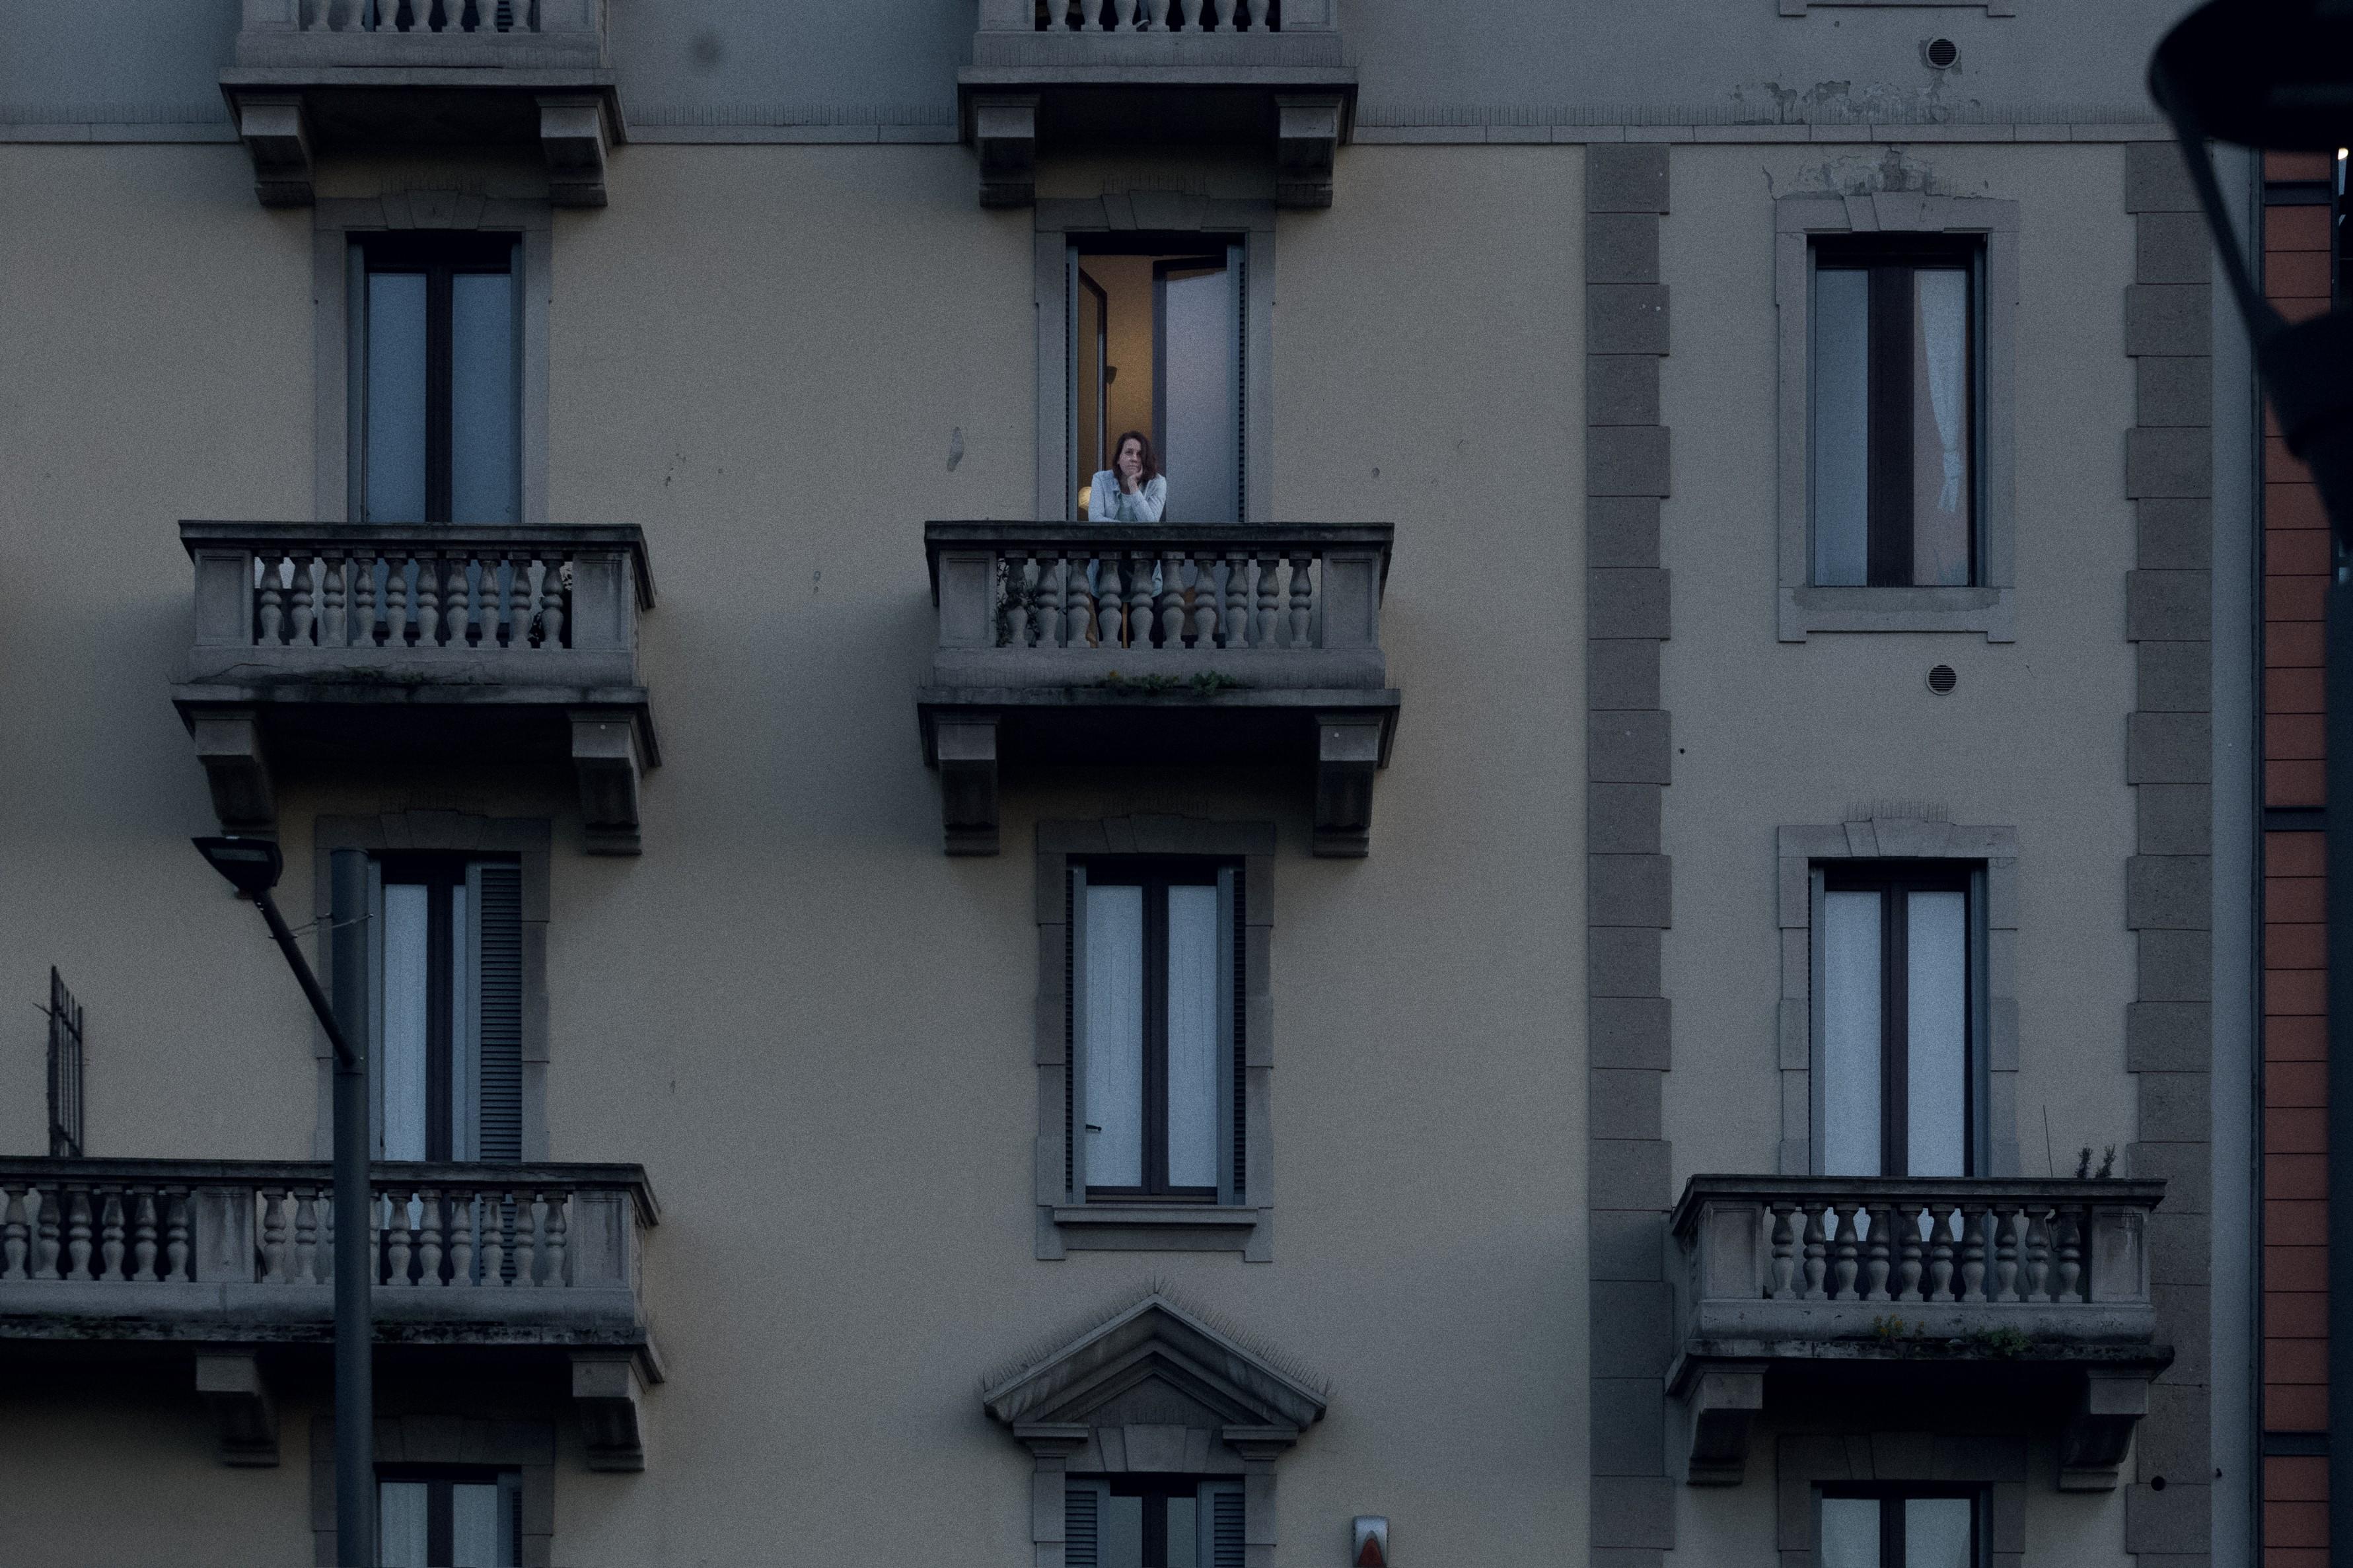 Como o isolamento em casa pode ser transformador? Especialistas indicam caminhos (Foto: Rafael Jacinto)